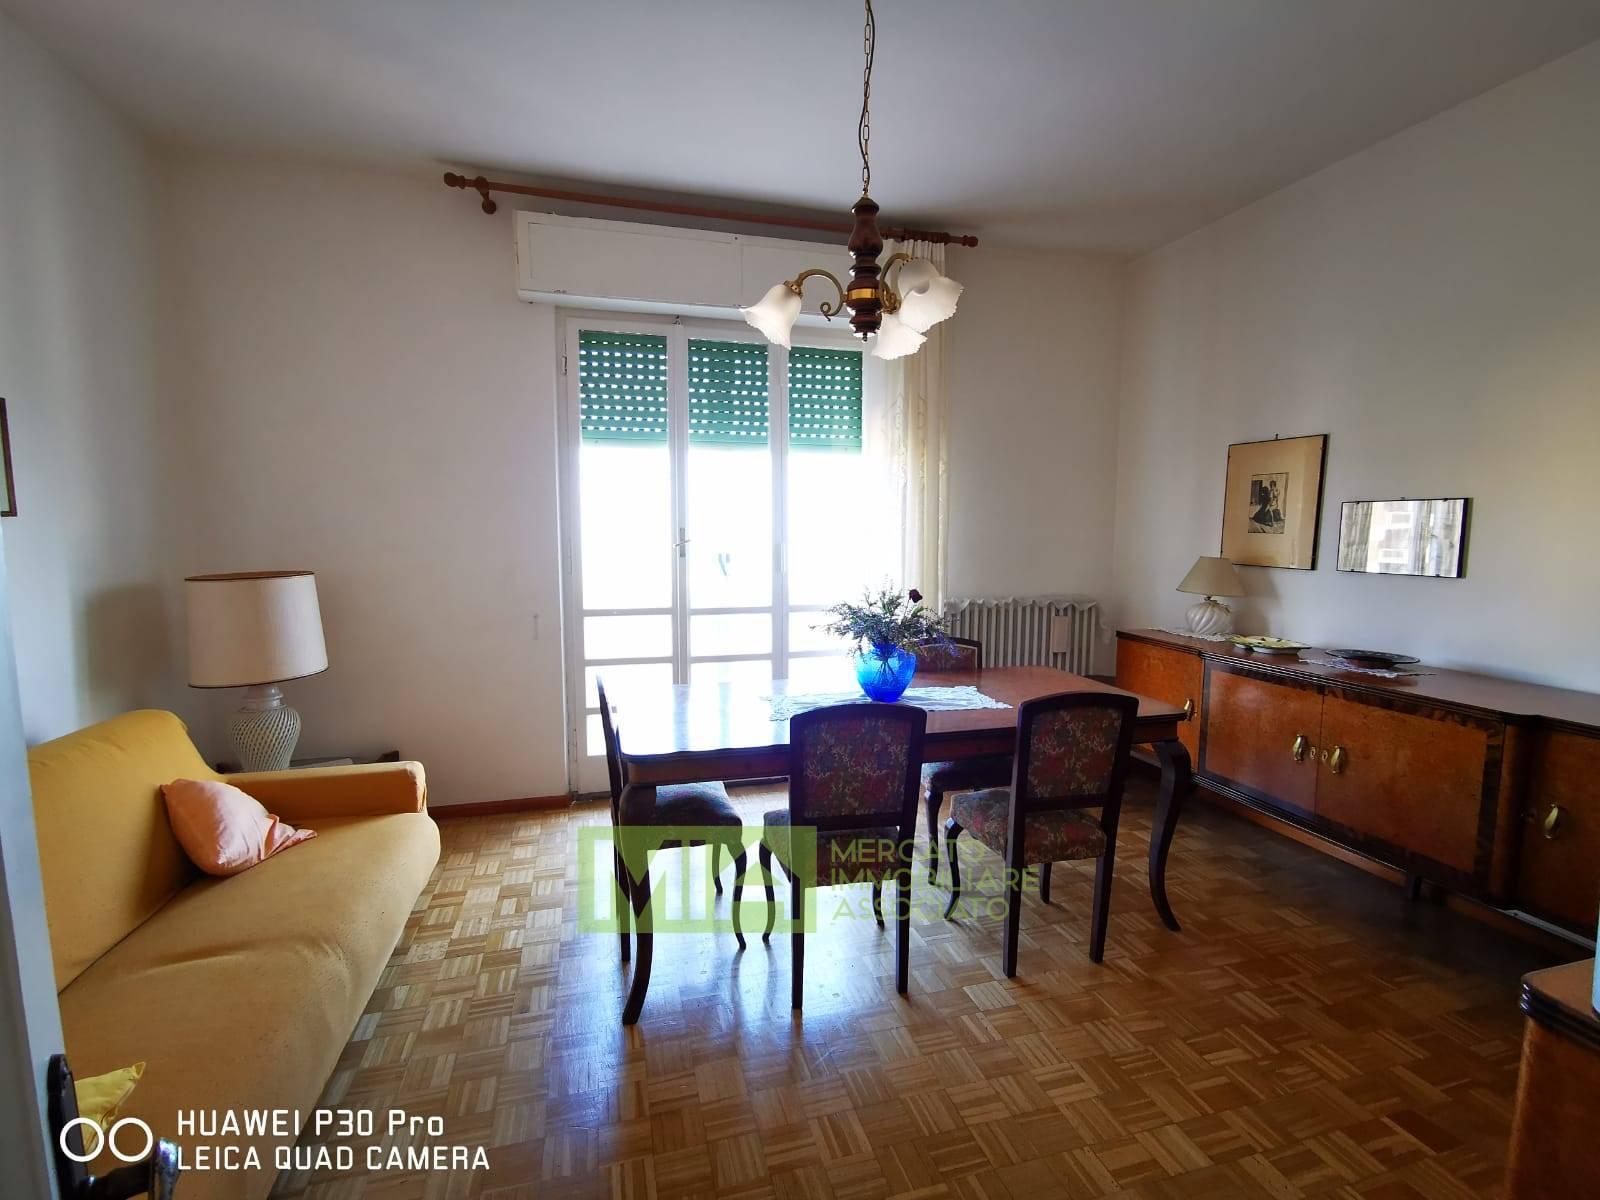 Appartamento in vendita a Recanati, 5 locali, zona Località: CENTRO, prezzo € 70.000 | CambioCasa.it